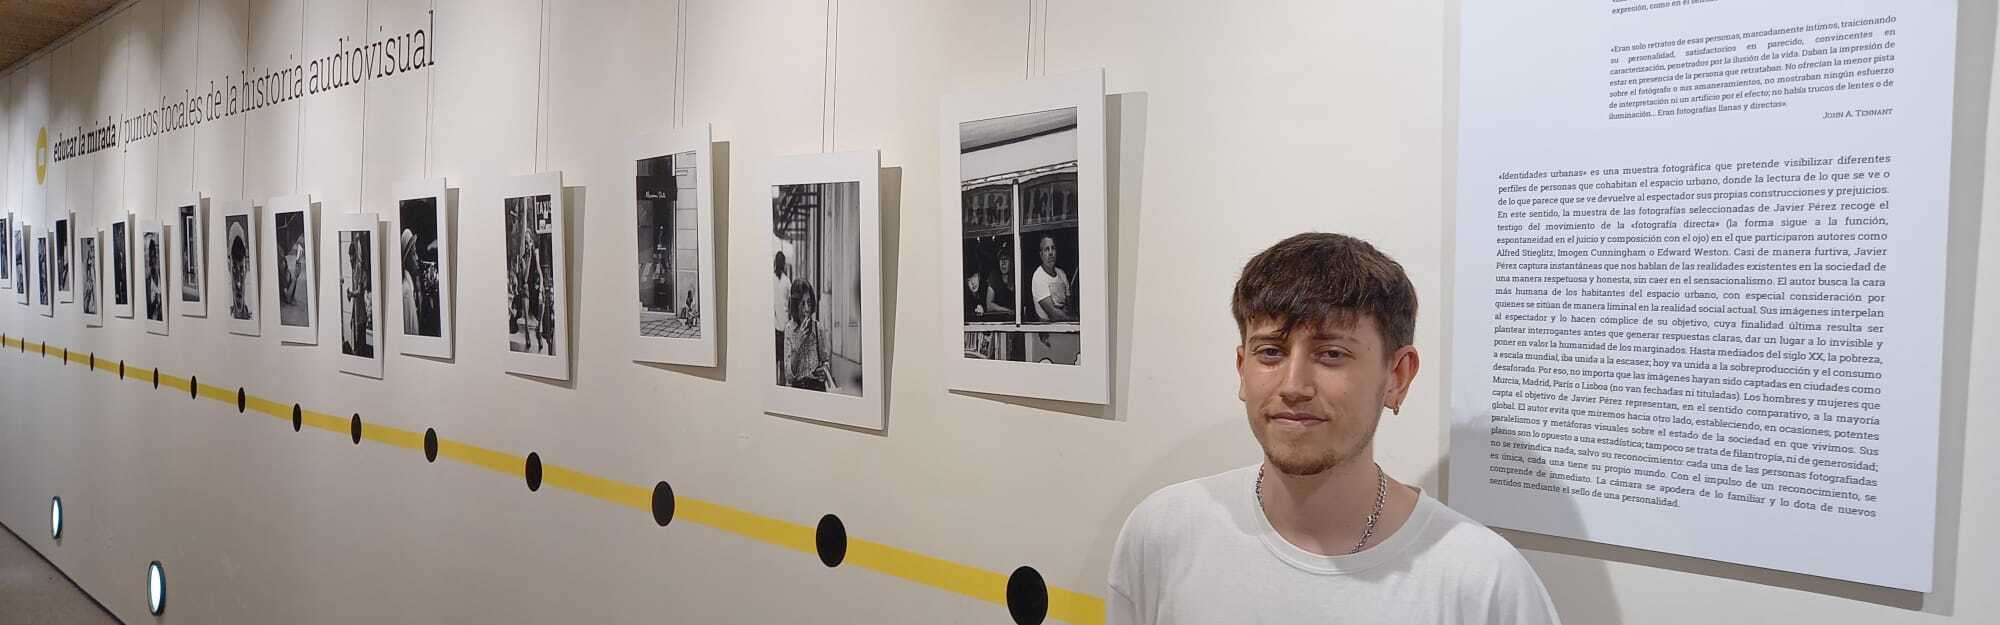 'Identidades urbanas' en la sala Isidoro Valcárcel